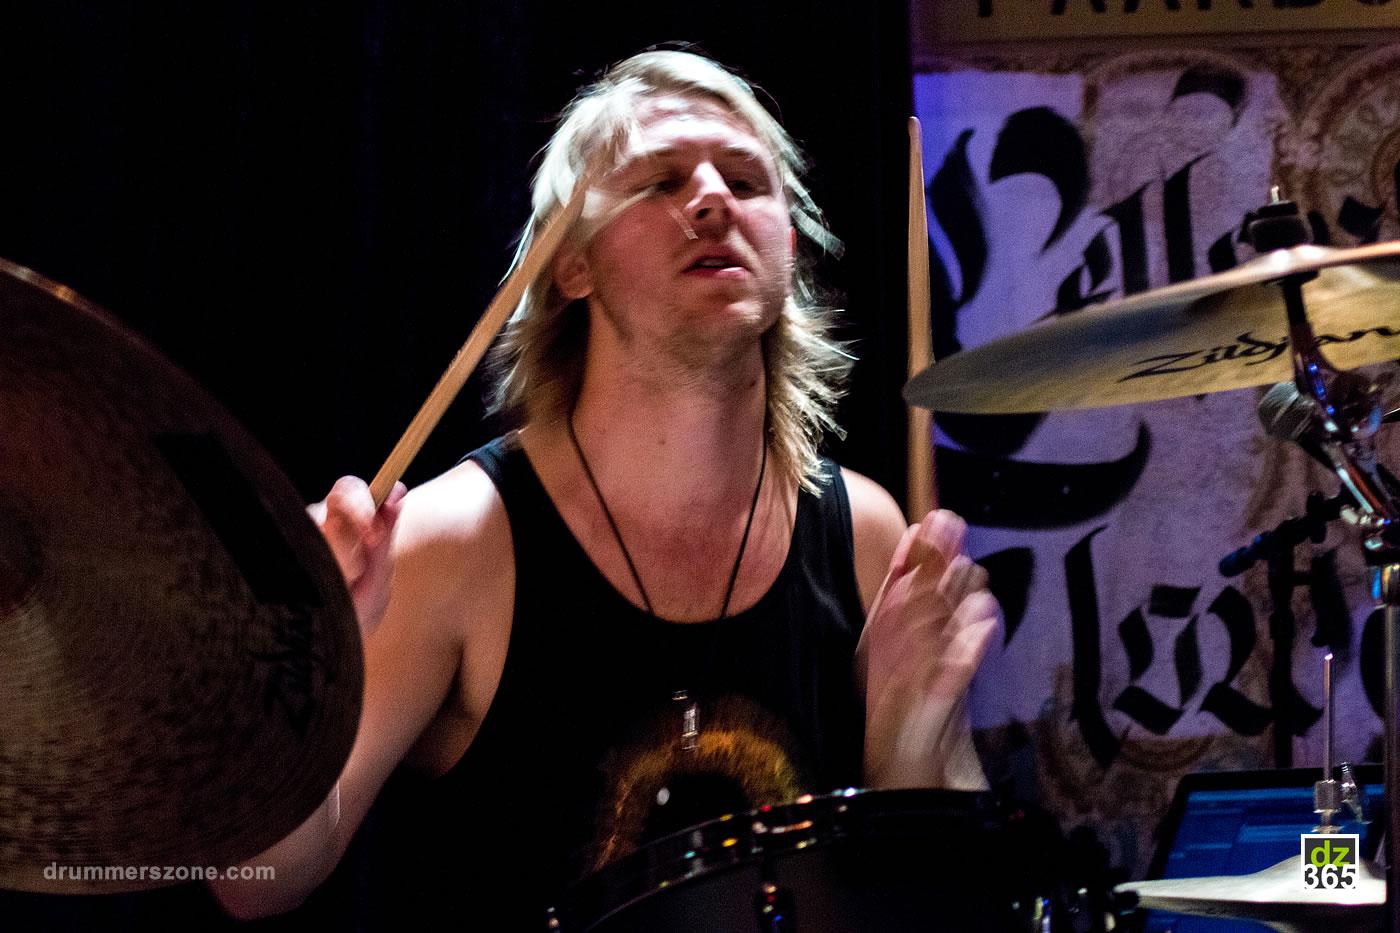 Herfstfest Drum Festival 2017